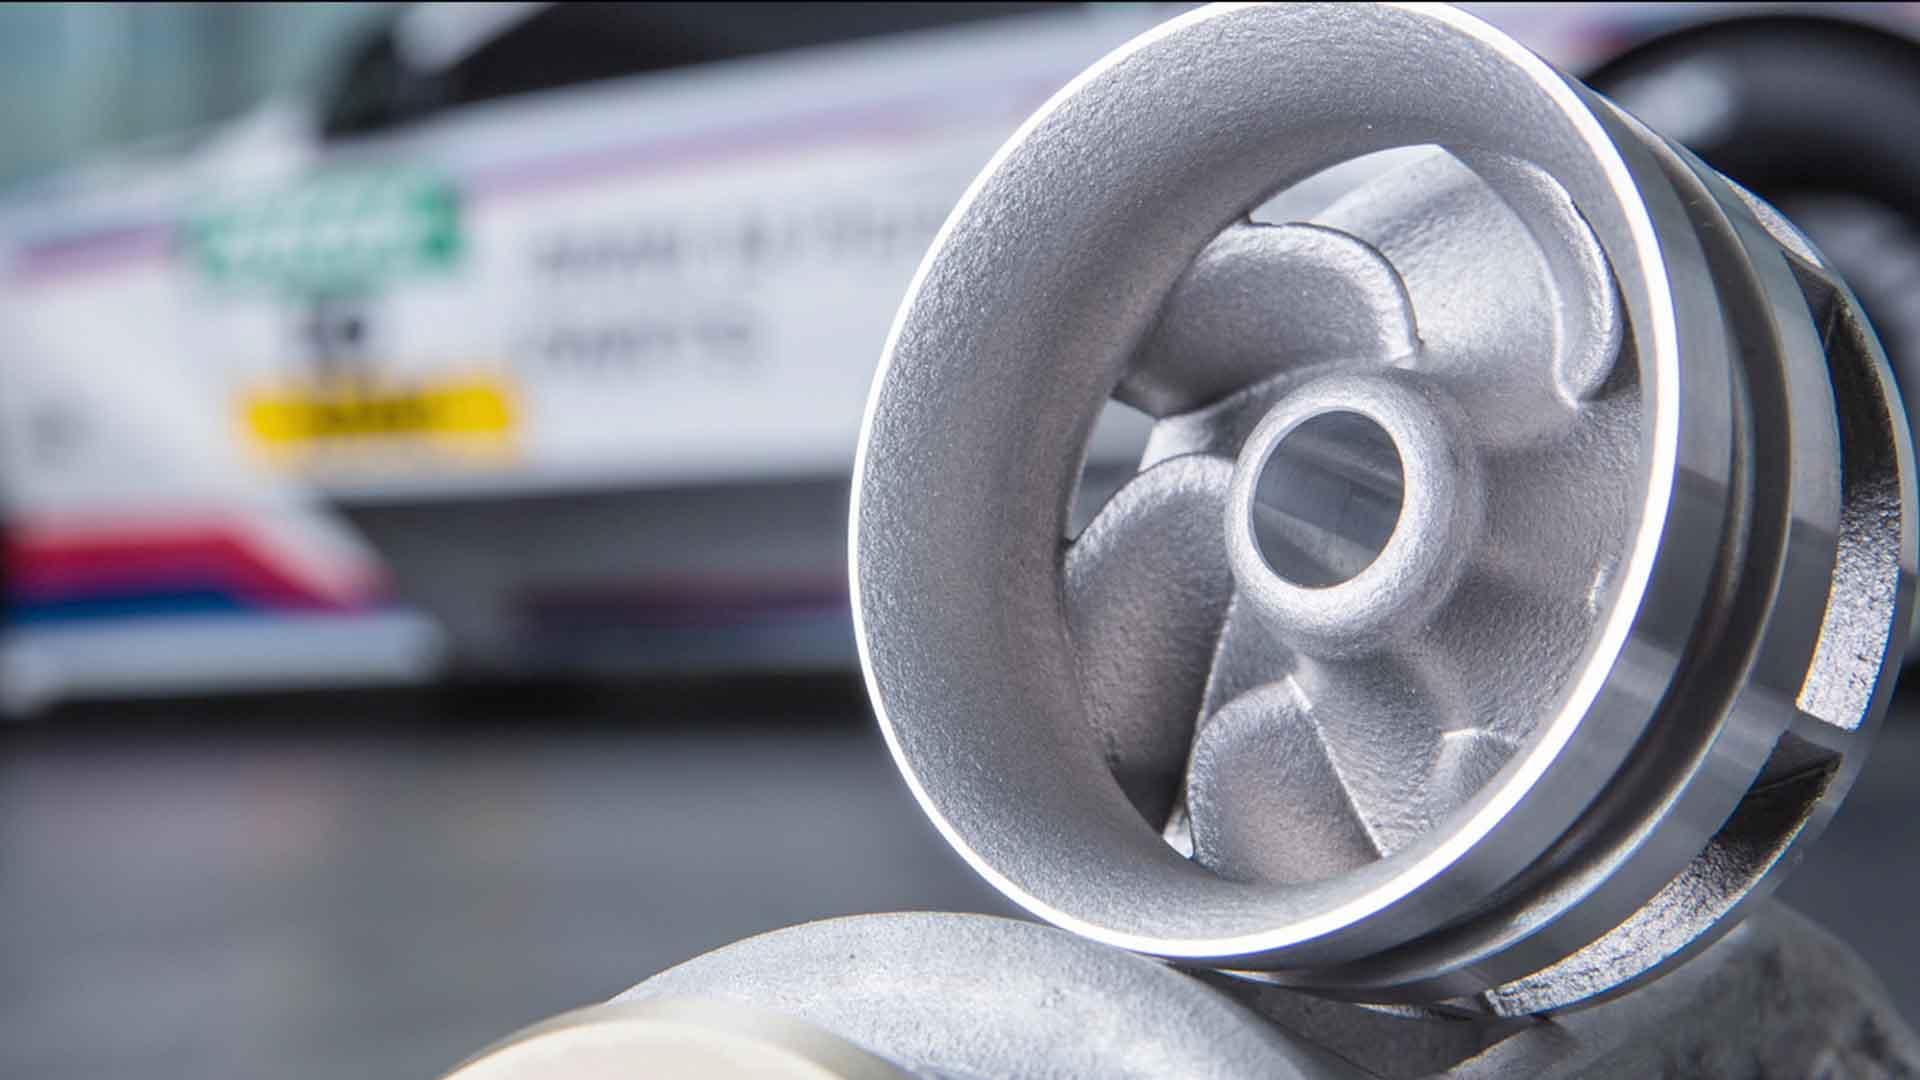 Das Bild zeigt einen 3D Druck. Es ist ein Gewinde. Der Hintergrund ist verschwommen. Er zeigt ein Auto. Das Bild dient als Sliderbild für den Portfolioeintrag BMW Group – 3D Druck/Additive Manufacturing Campus von Panda Pictures.